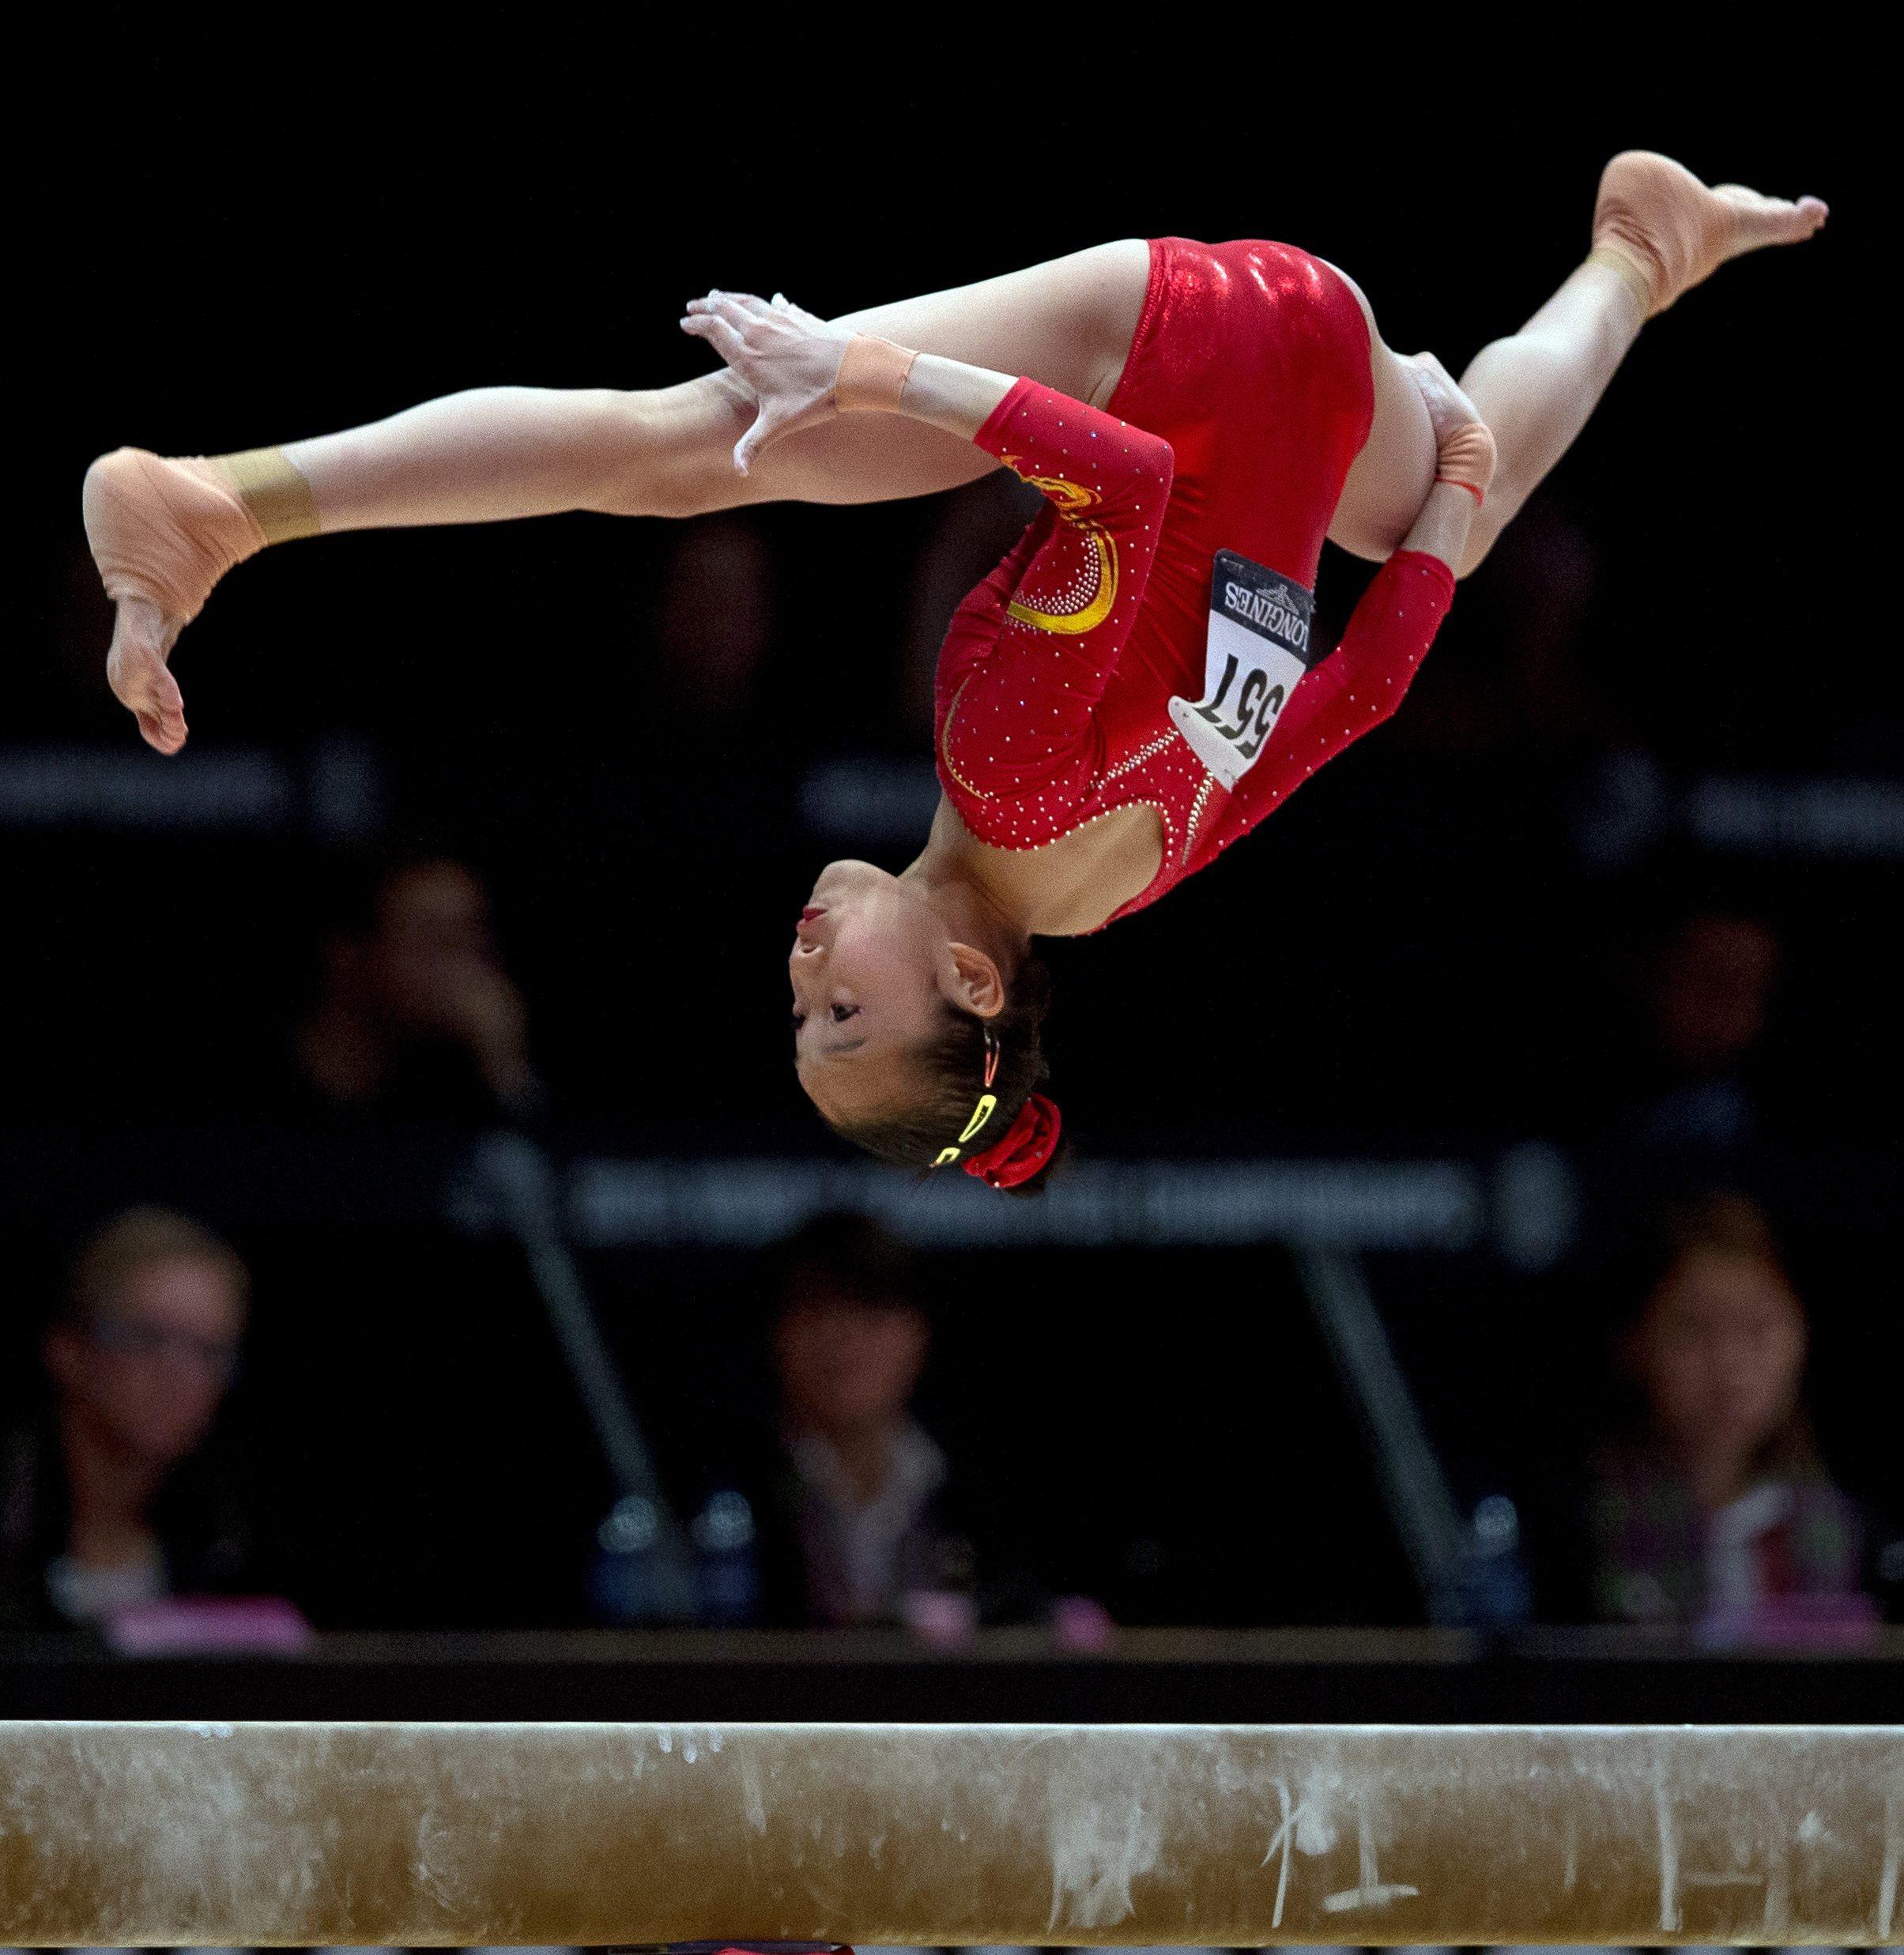 Funny Olympic Gymnastics